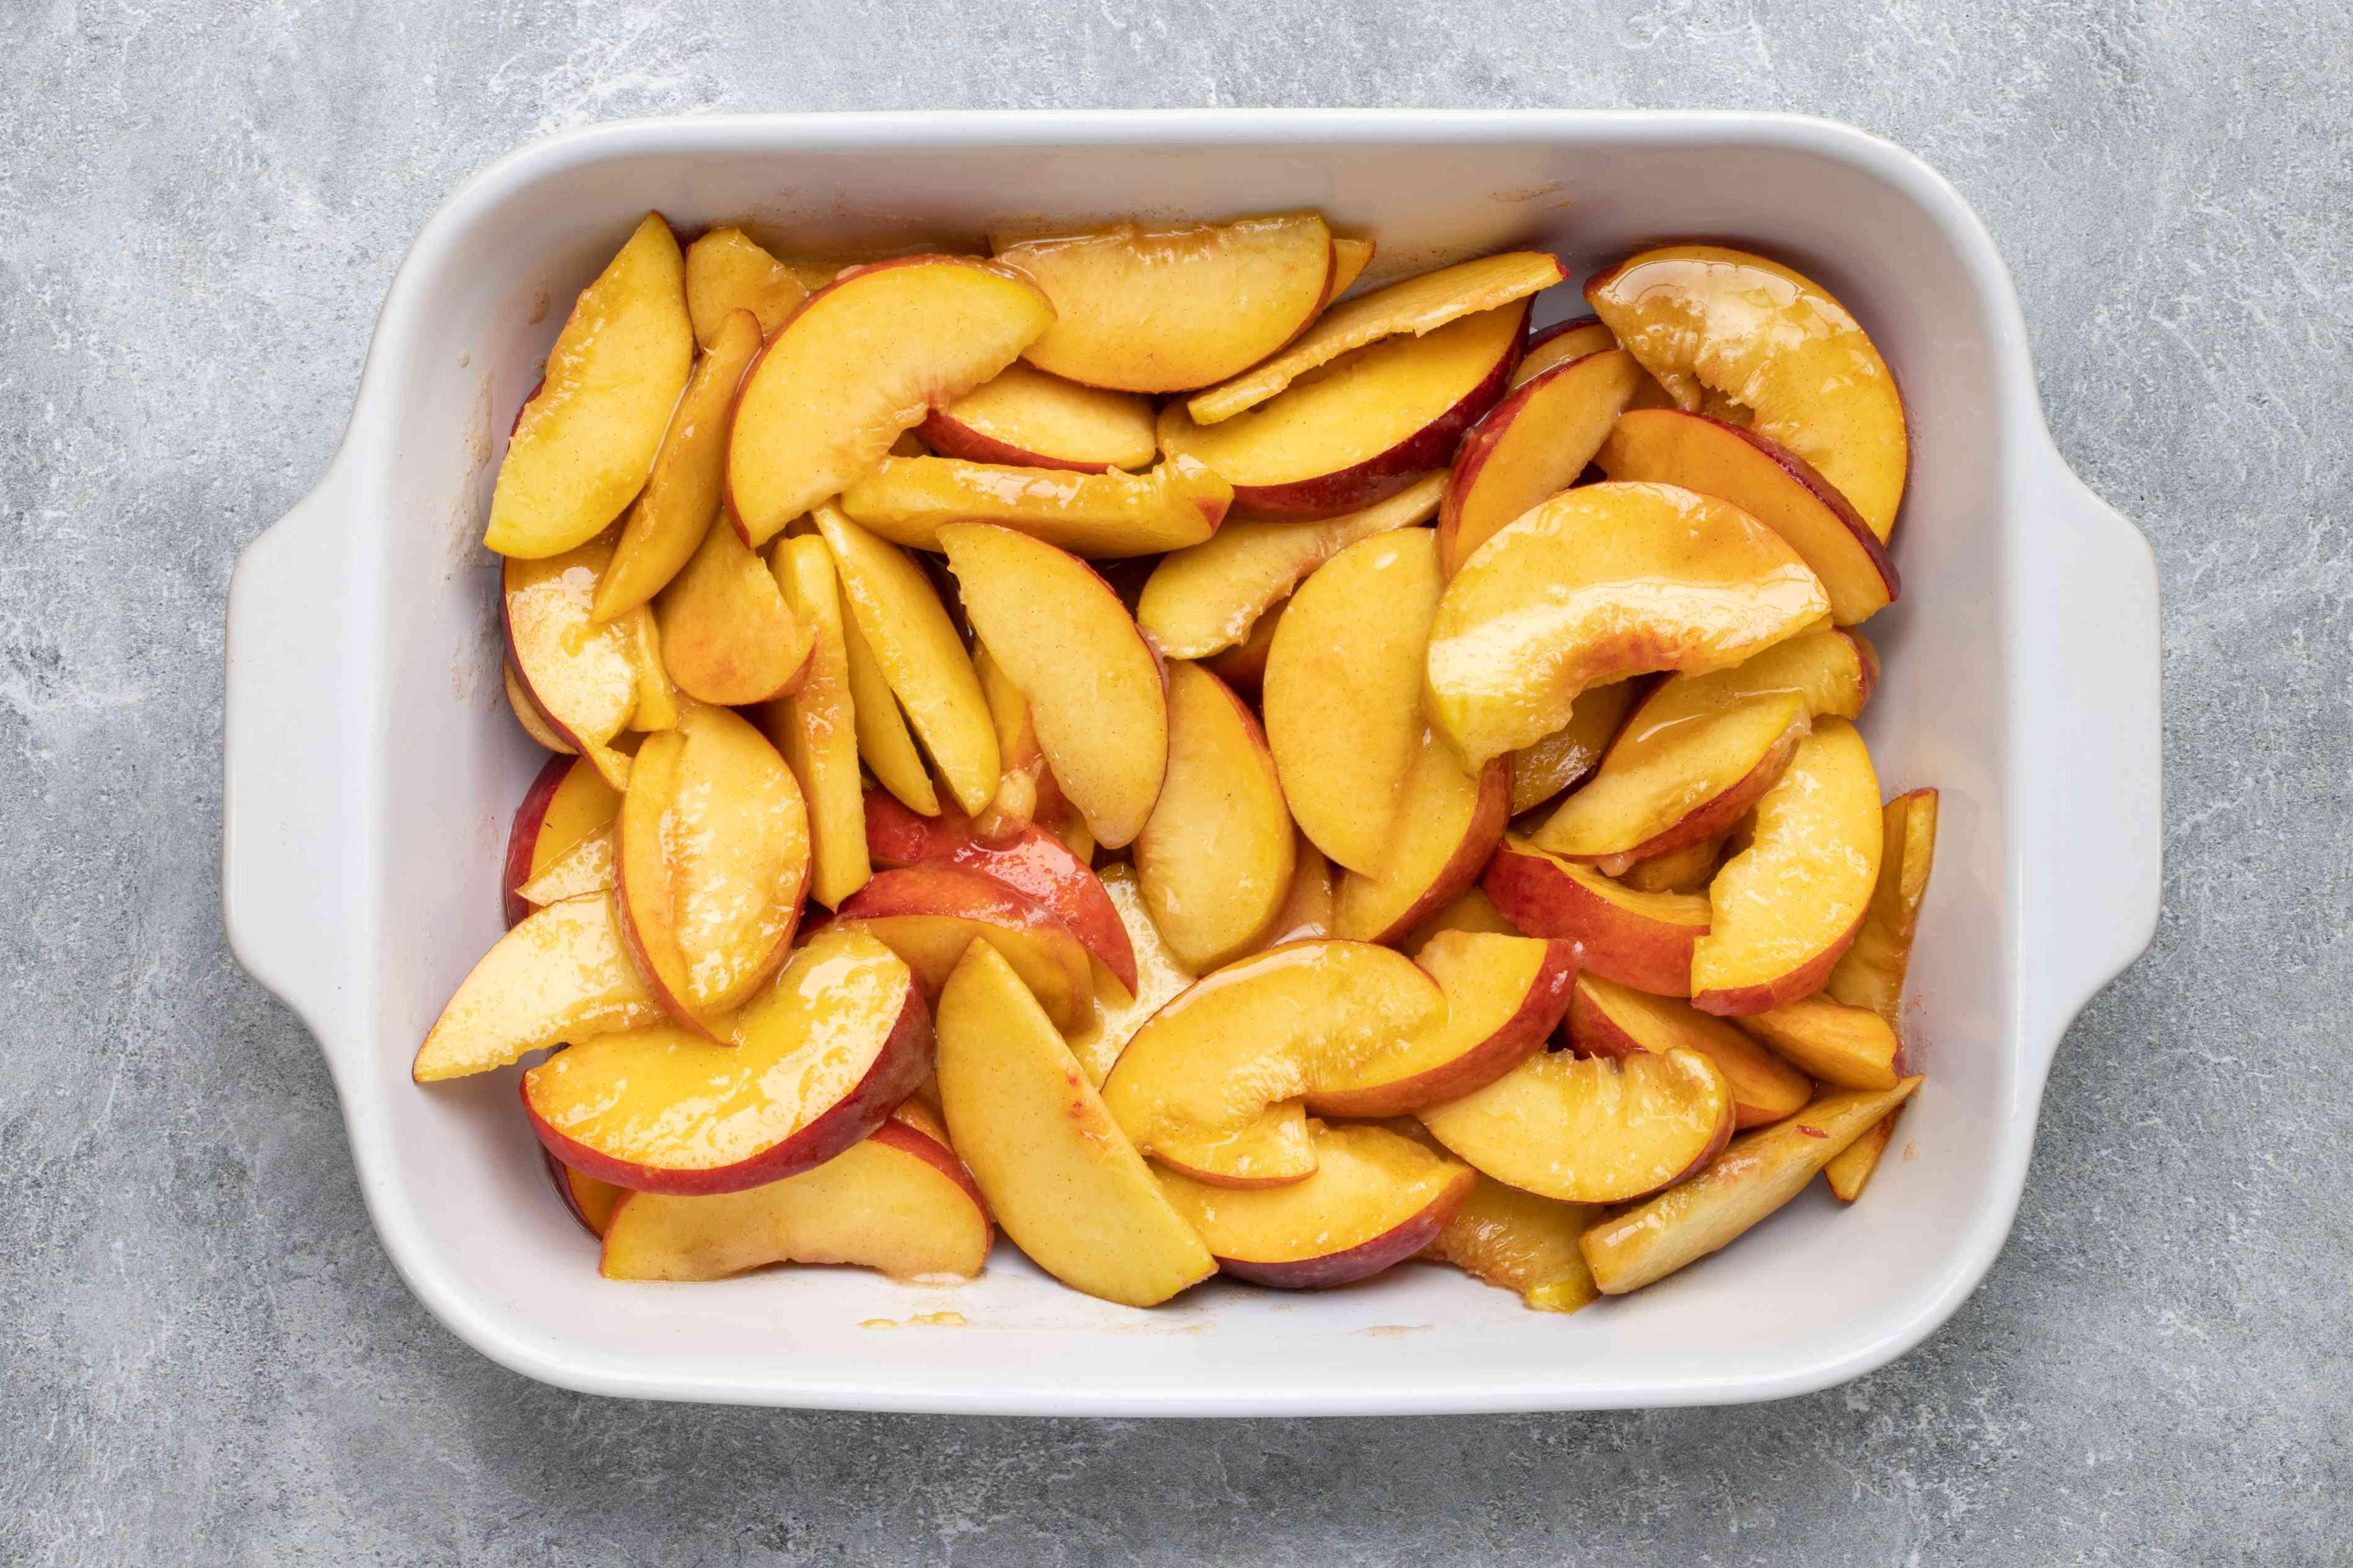 peaches in a baking dish for peach cobbler.